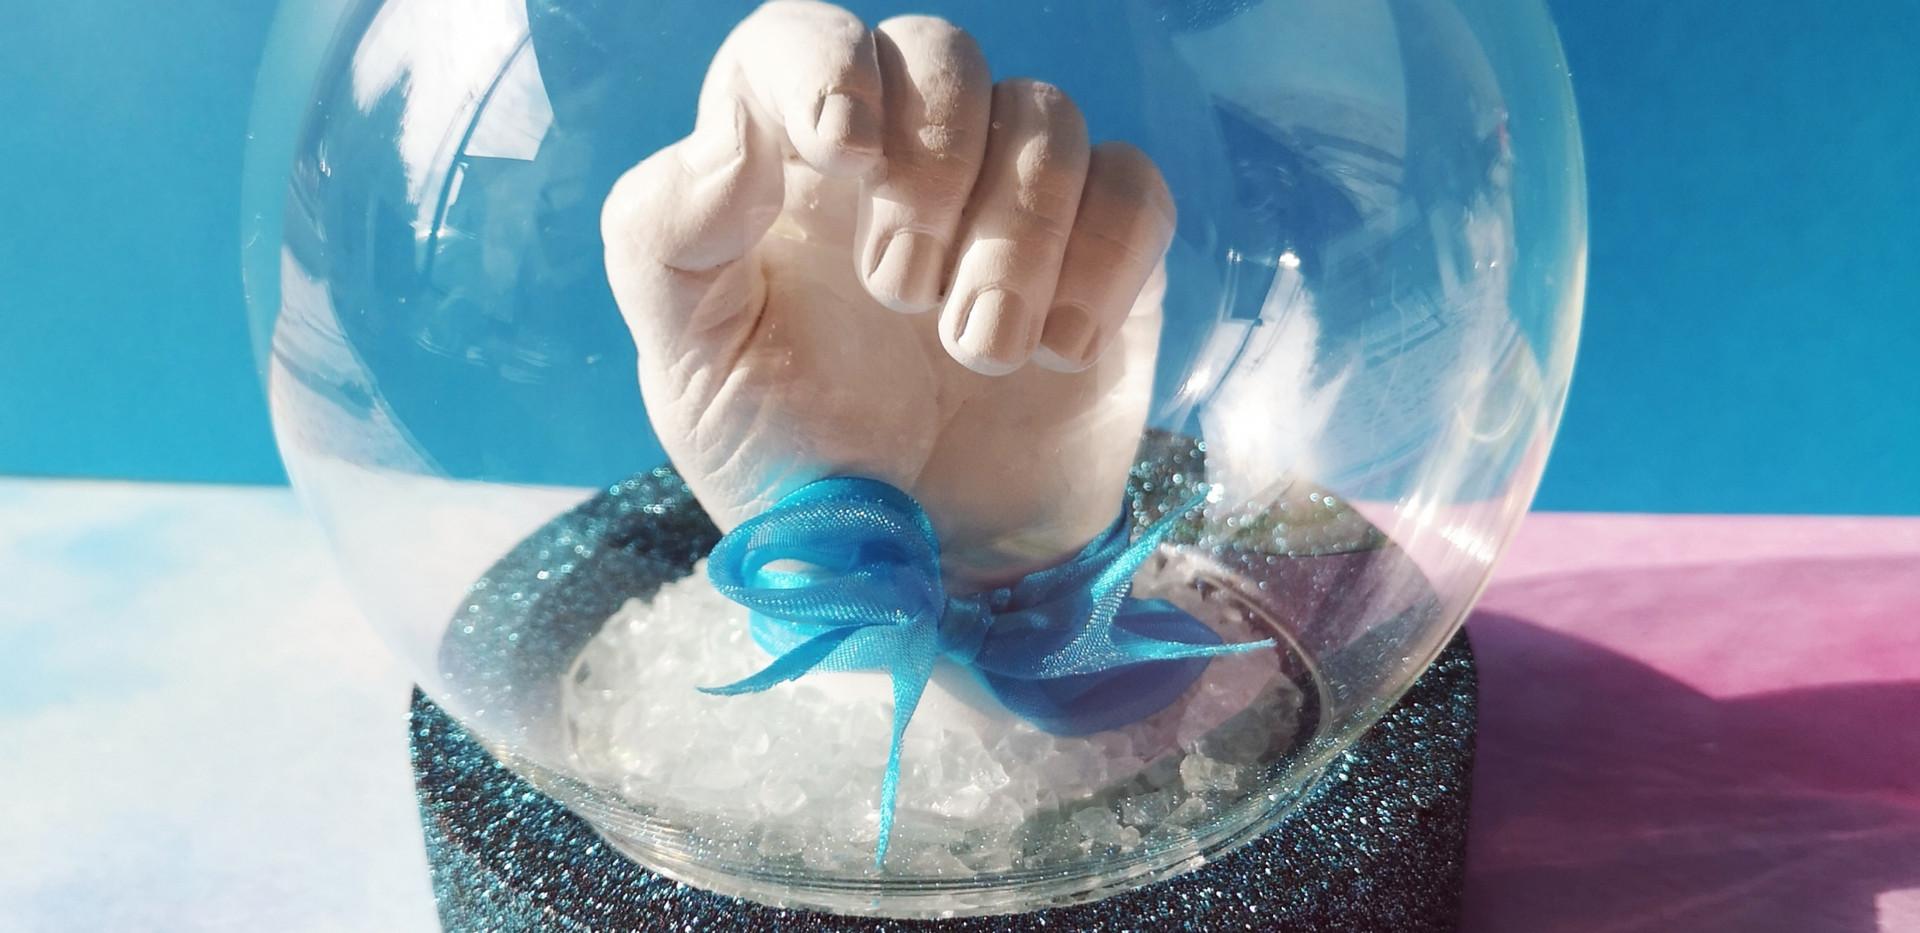 empreinte enfant empreinte bebe moulage 3d main en platre souenir de naissance cadeau de naissance septine and co chambery cognin grenoble savoie baby art bebe moulage hand  print hand casting 4332456_318326532506228_30716867624925